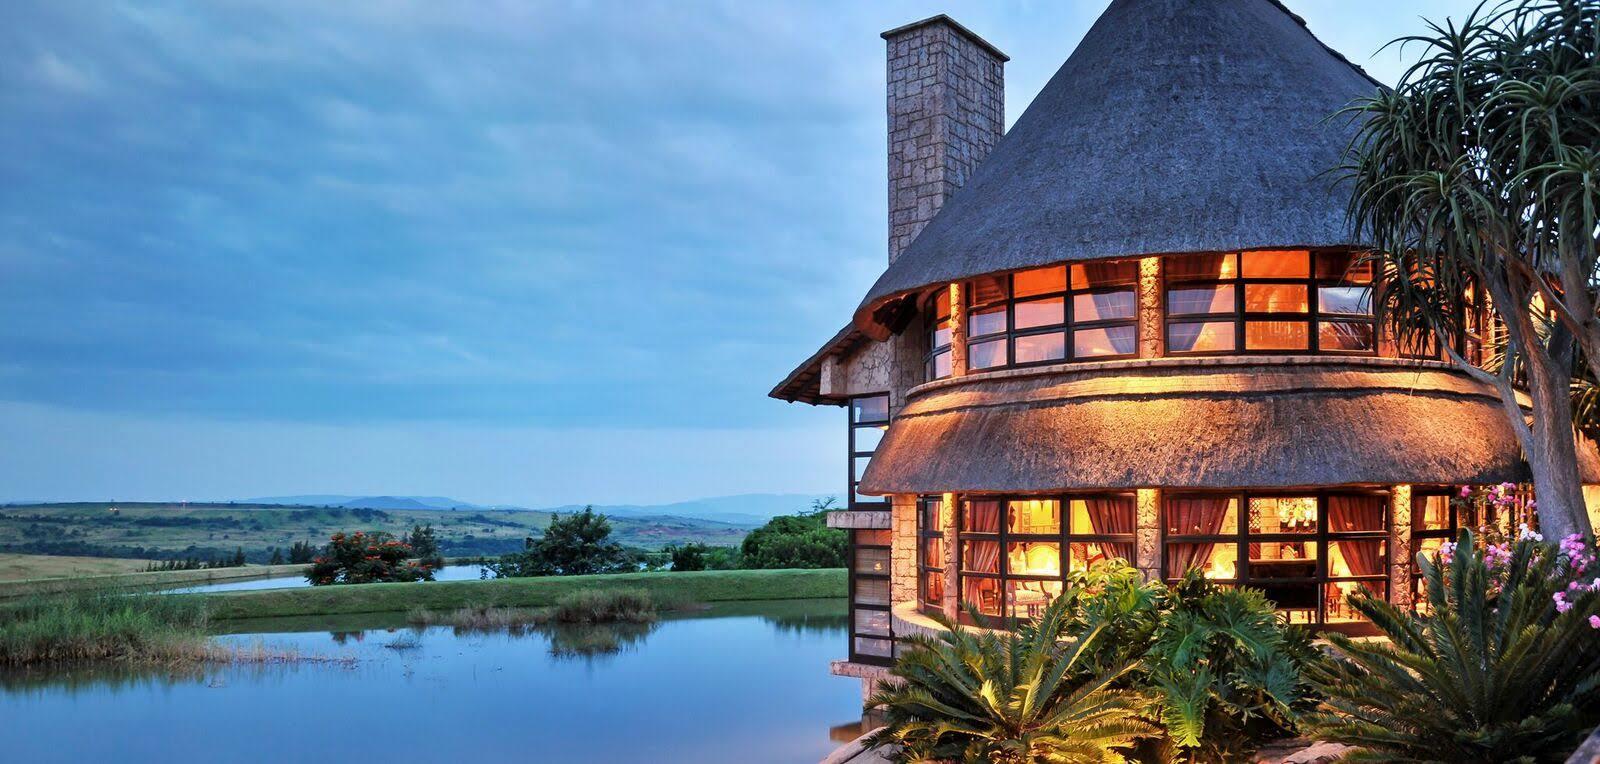 Summerfield Resort, Eswatini